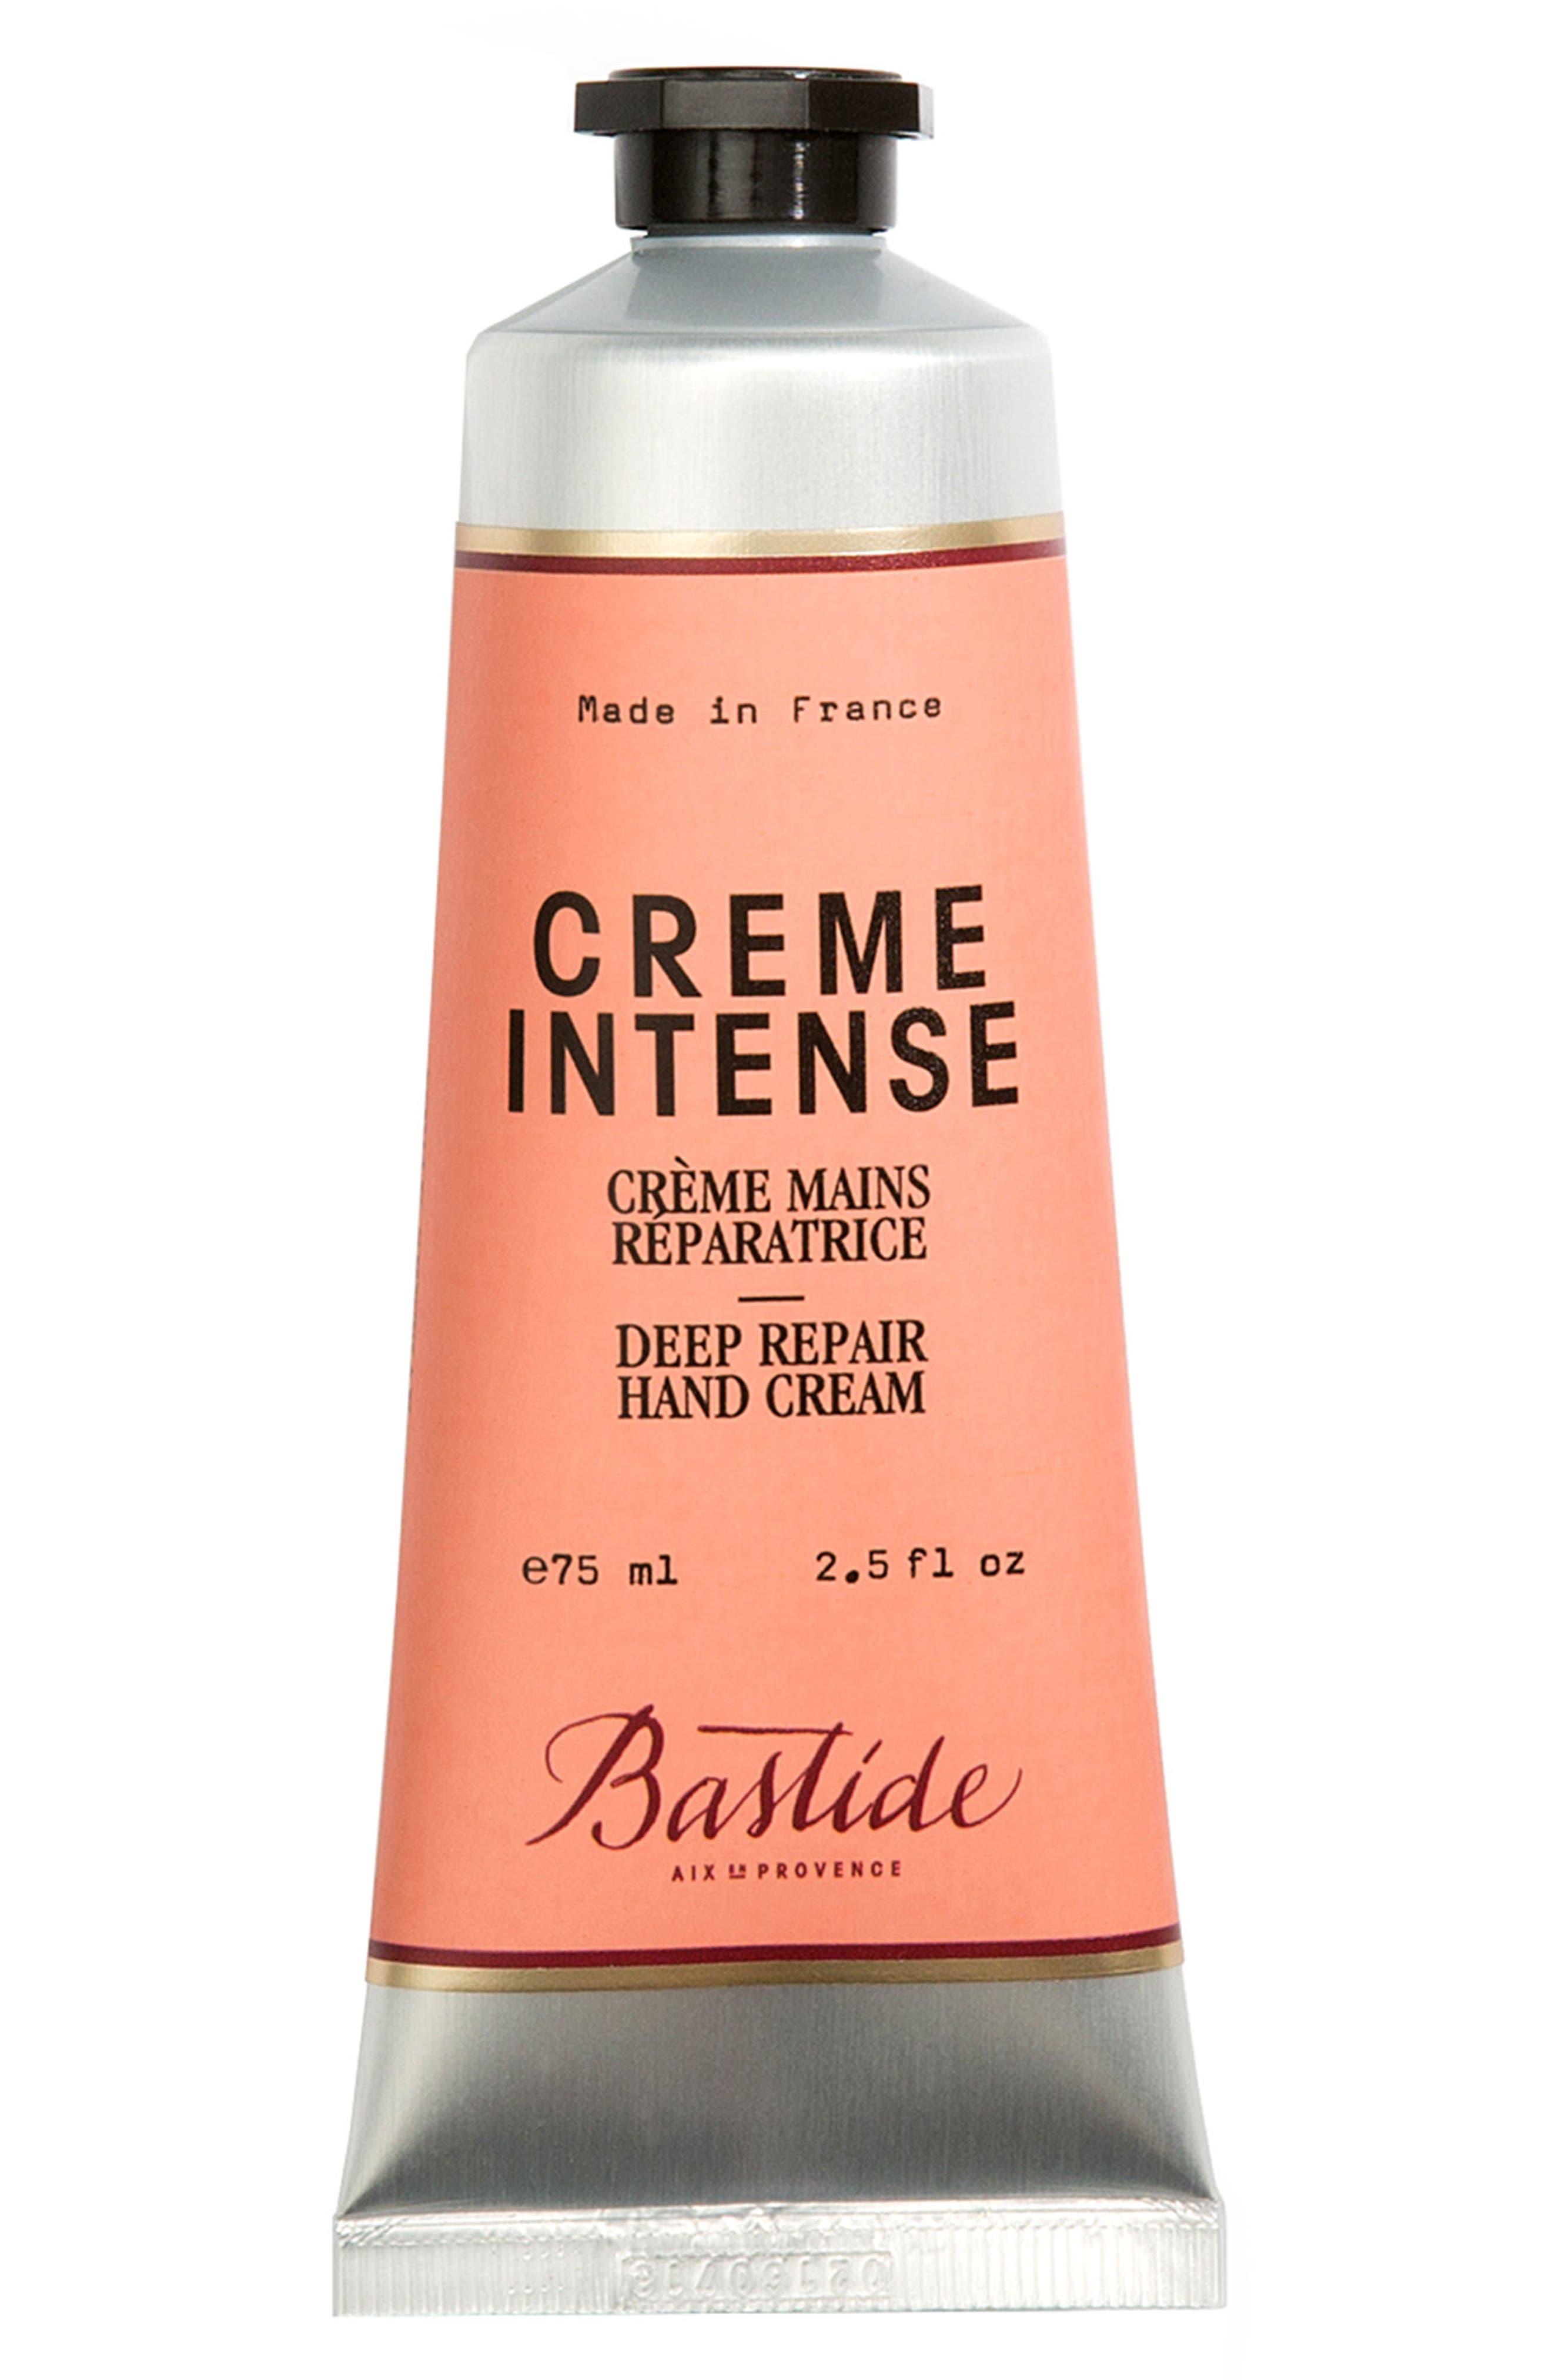 Alternate Image 1 Selected - Bastide Creme Intense Deep Repair Hand Cream